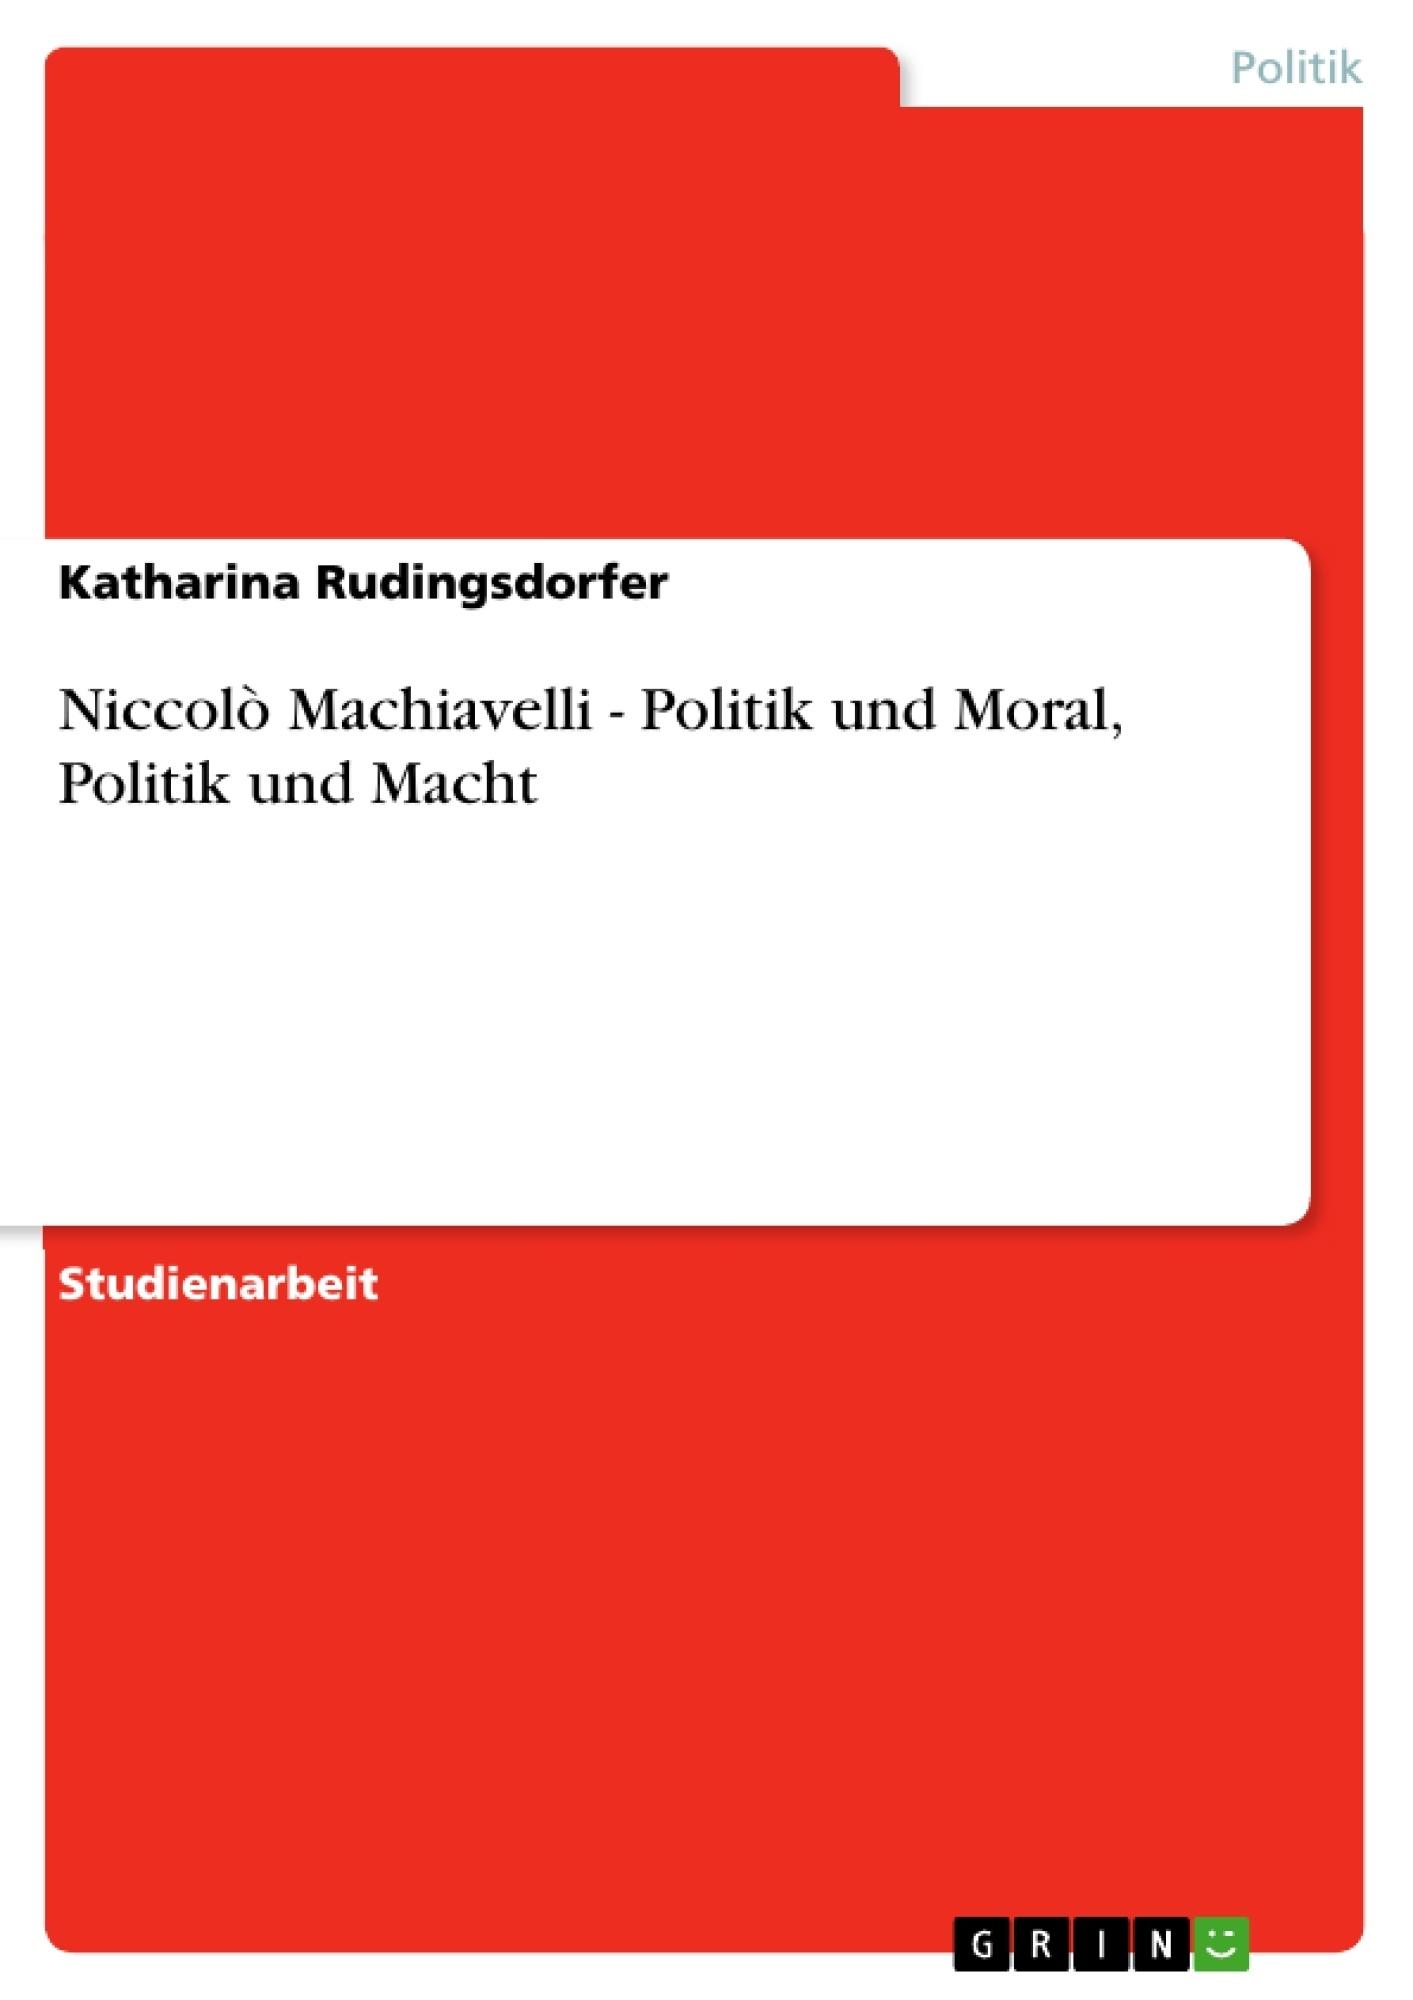 Titel: Niccolò Machiavelli - Politik und Moral, Politik und Macht